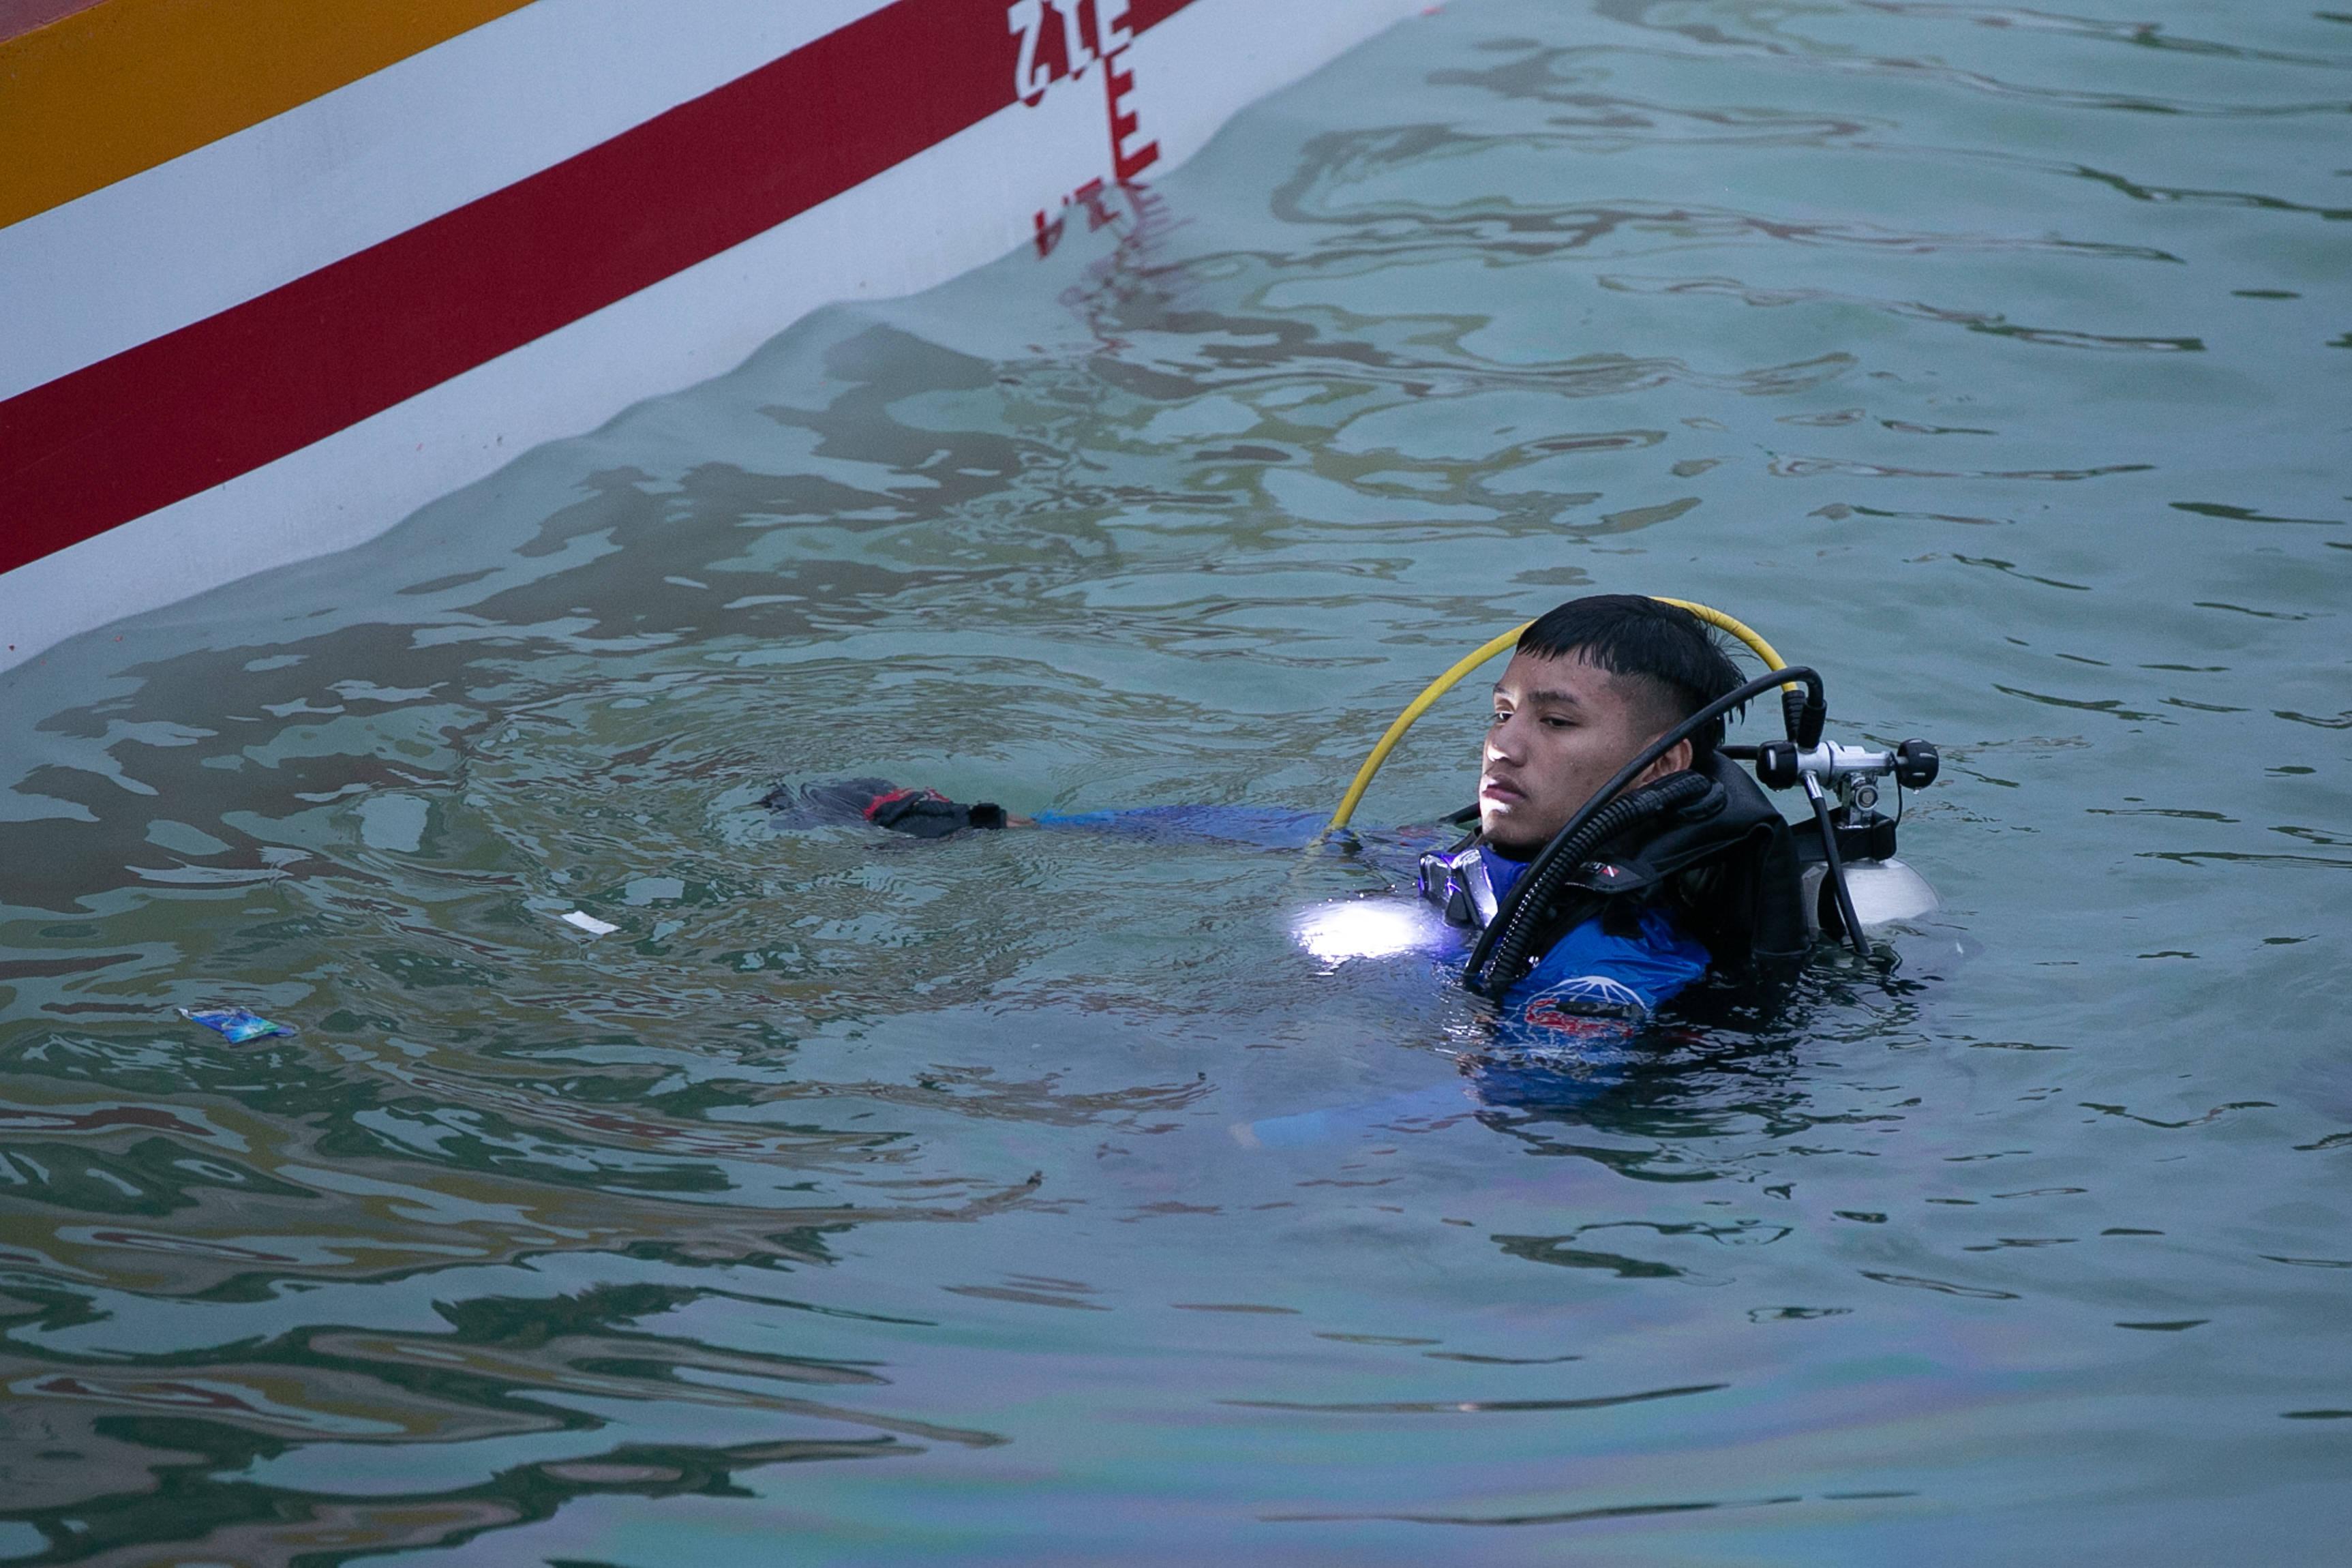 老挝首都附近旅游区翻船事故致8人死亡